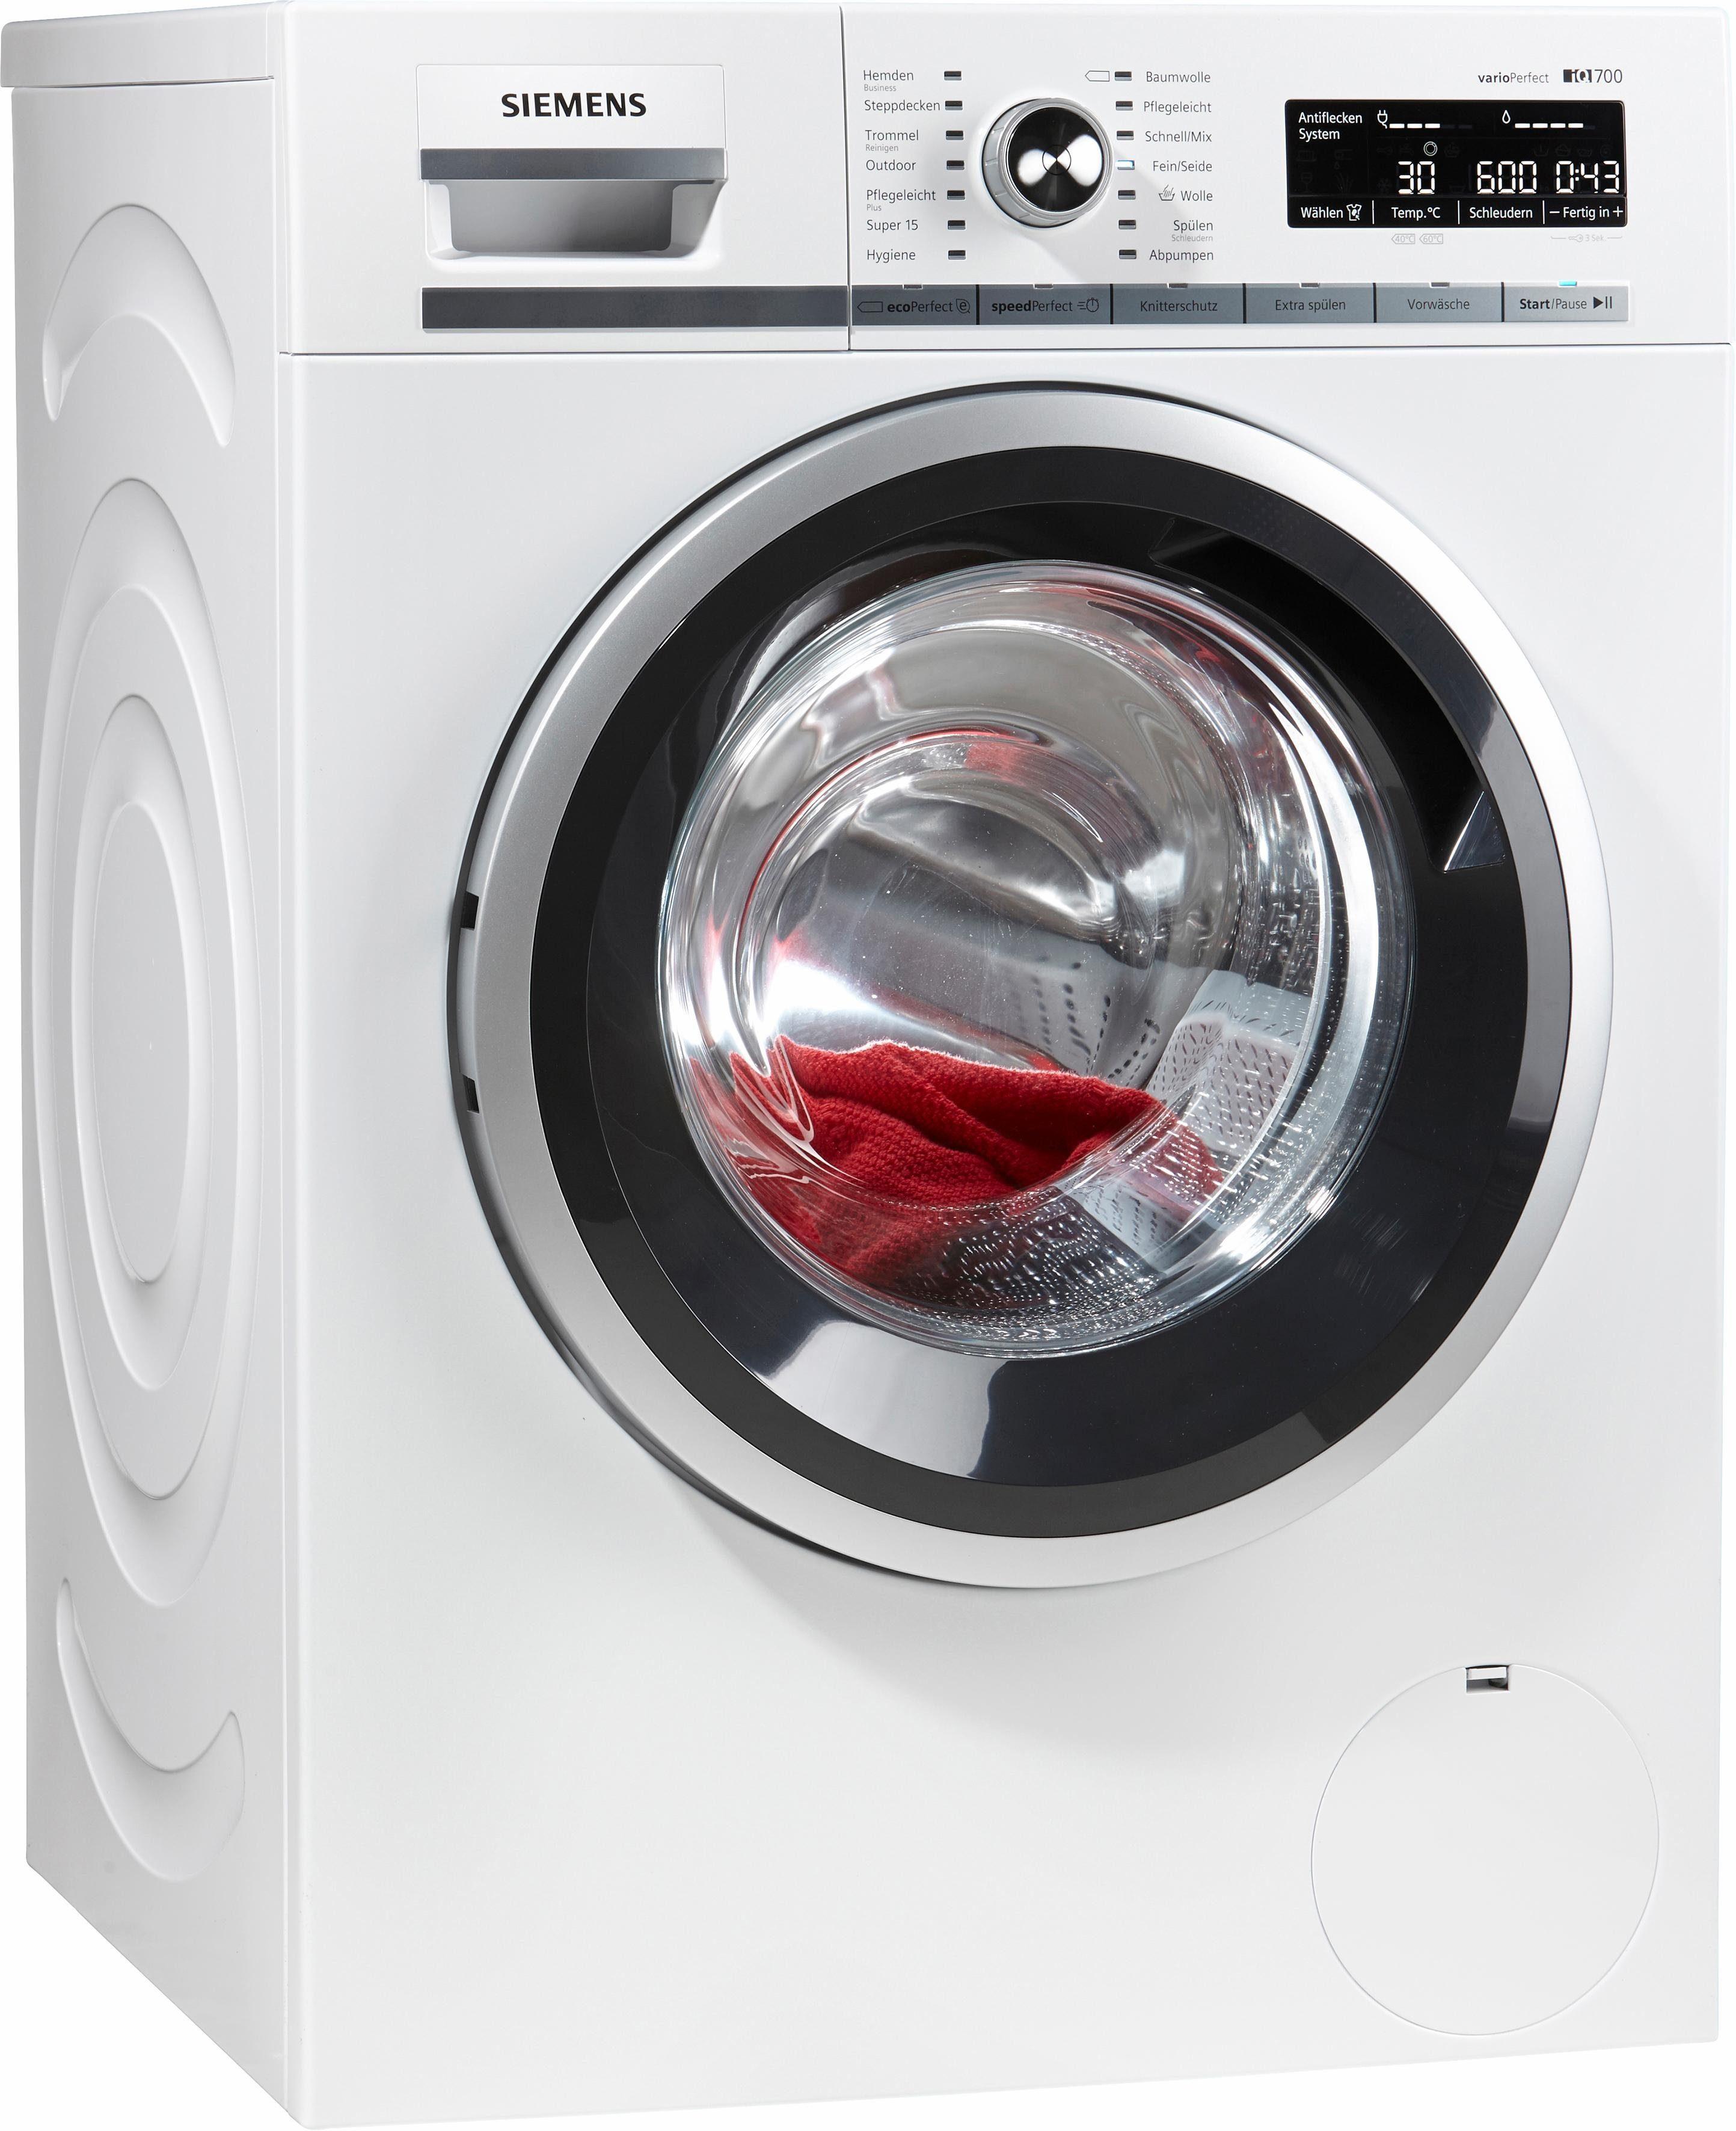 SIEMENS Waschmaschine iQ700 WM14W5V1, 9 kg, 1400 U/Min